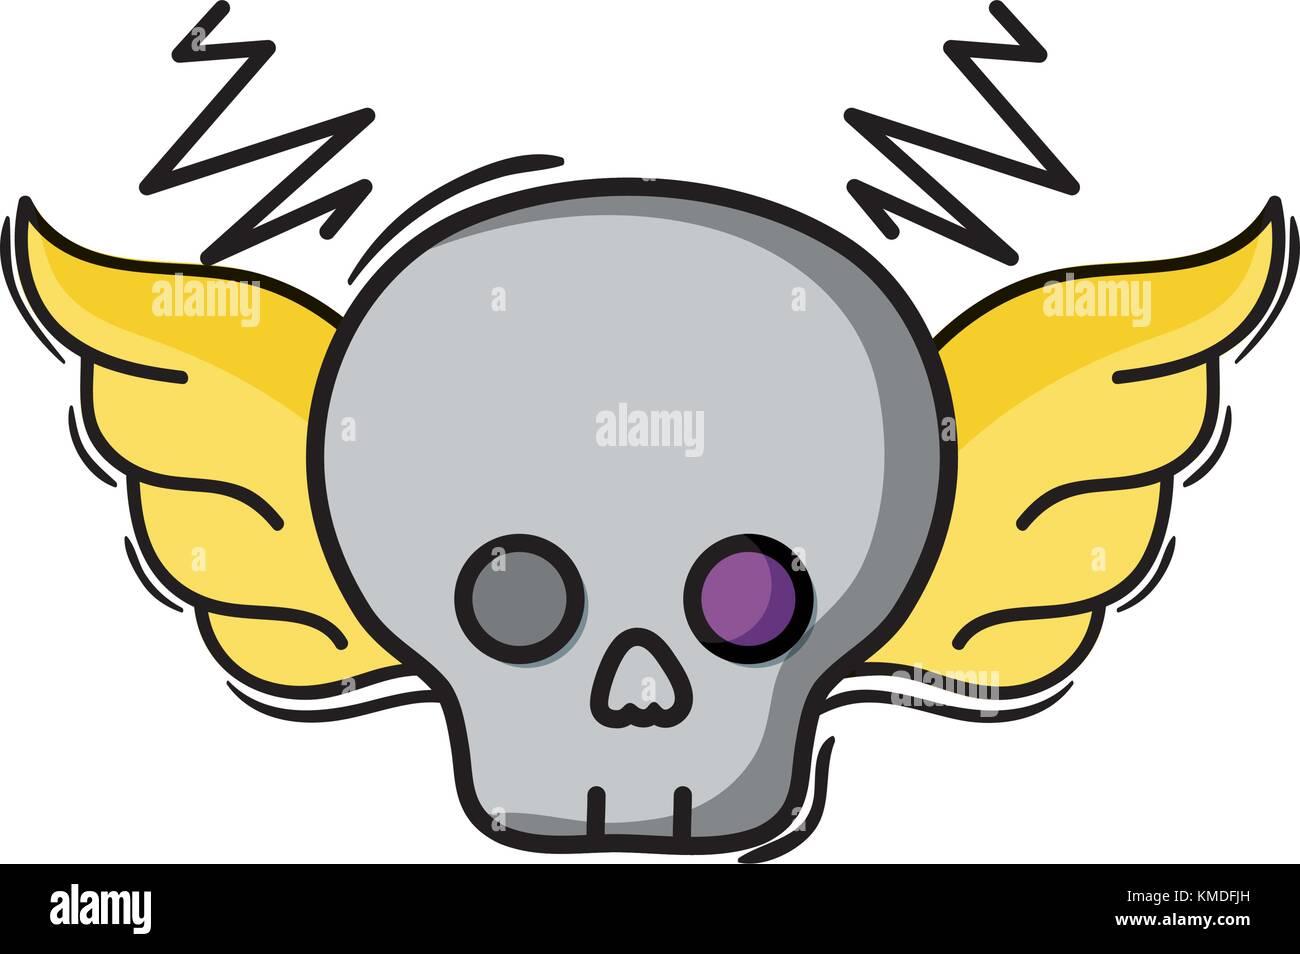 Skull With Wings Rock Art Symbol Stock Vector Art Illustration